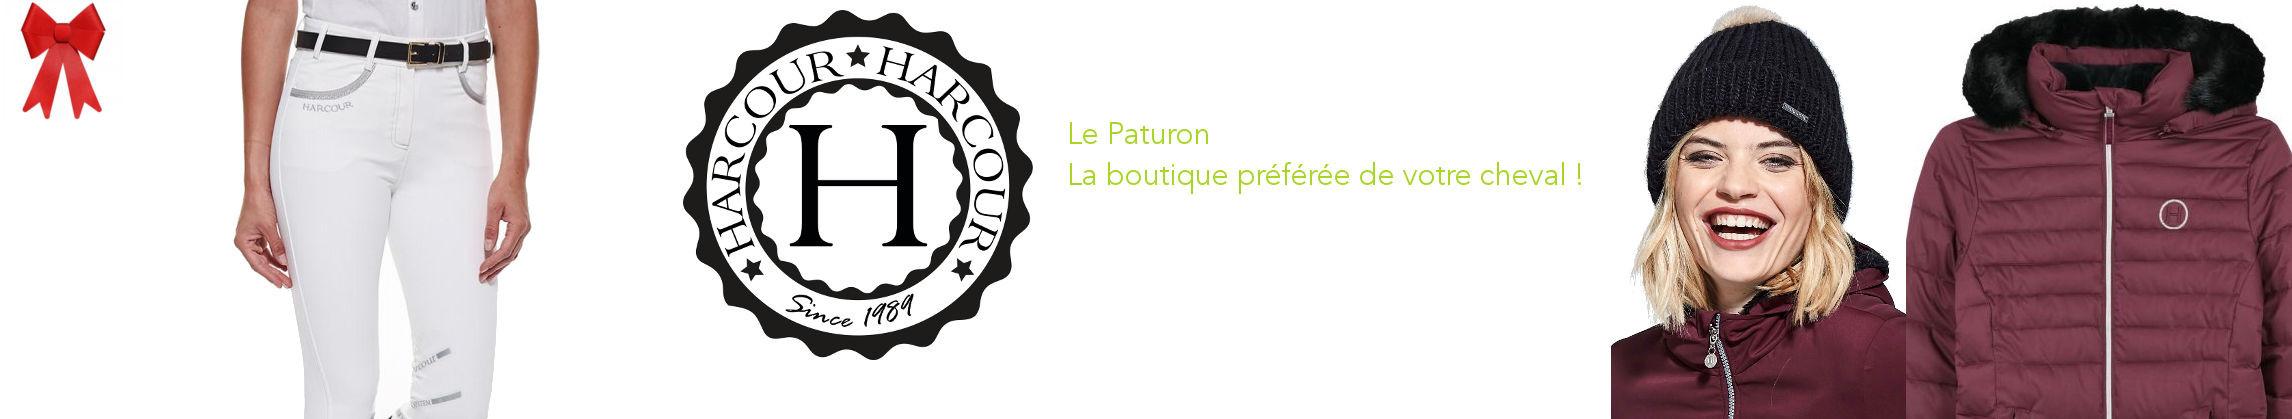 Harcour Le Paturon